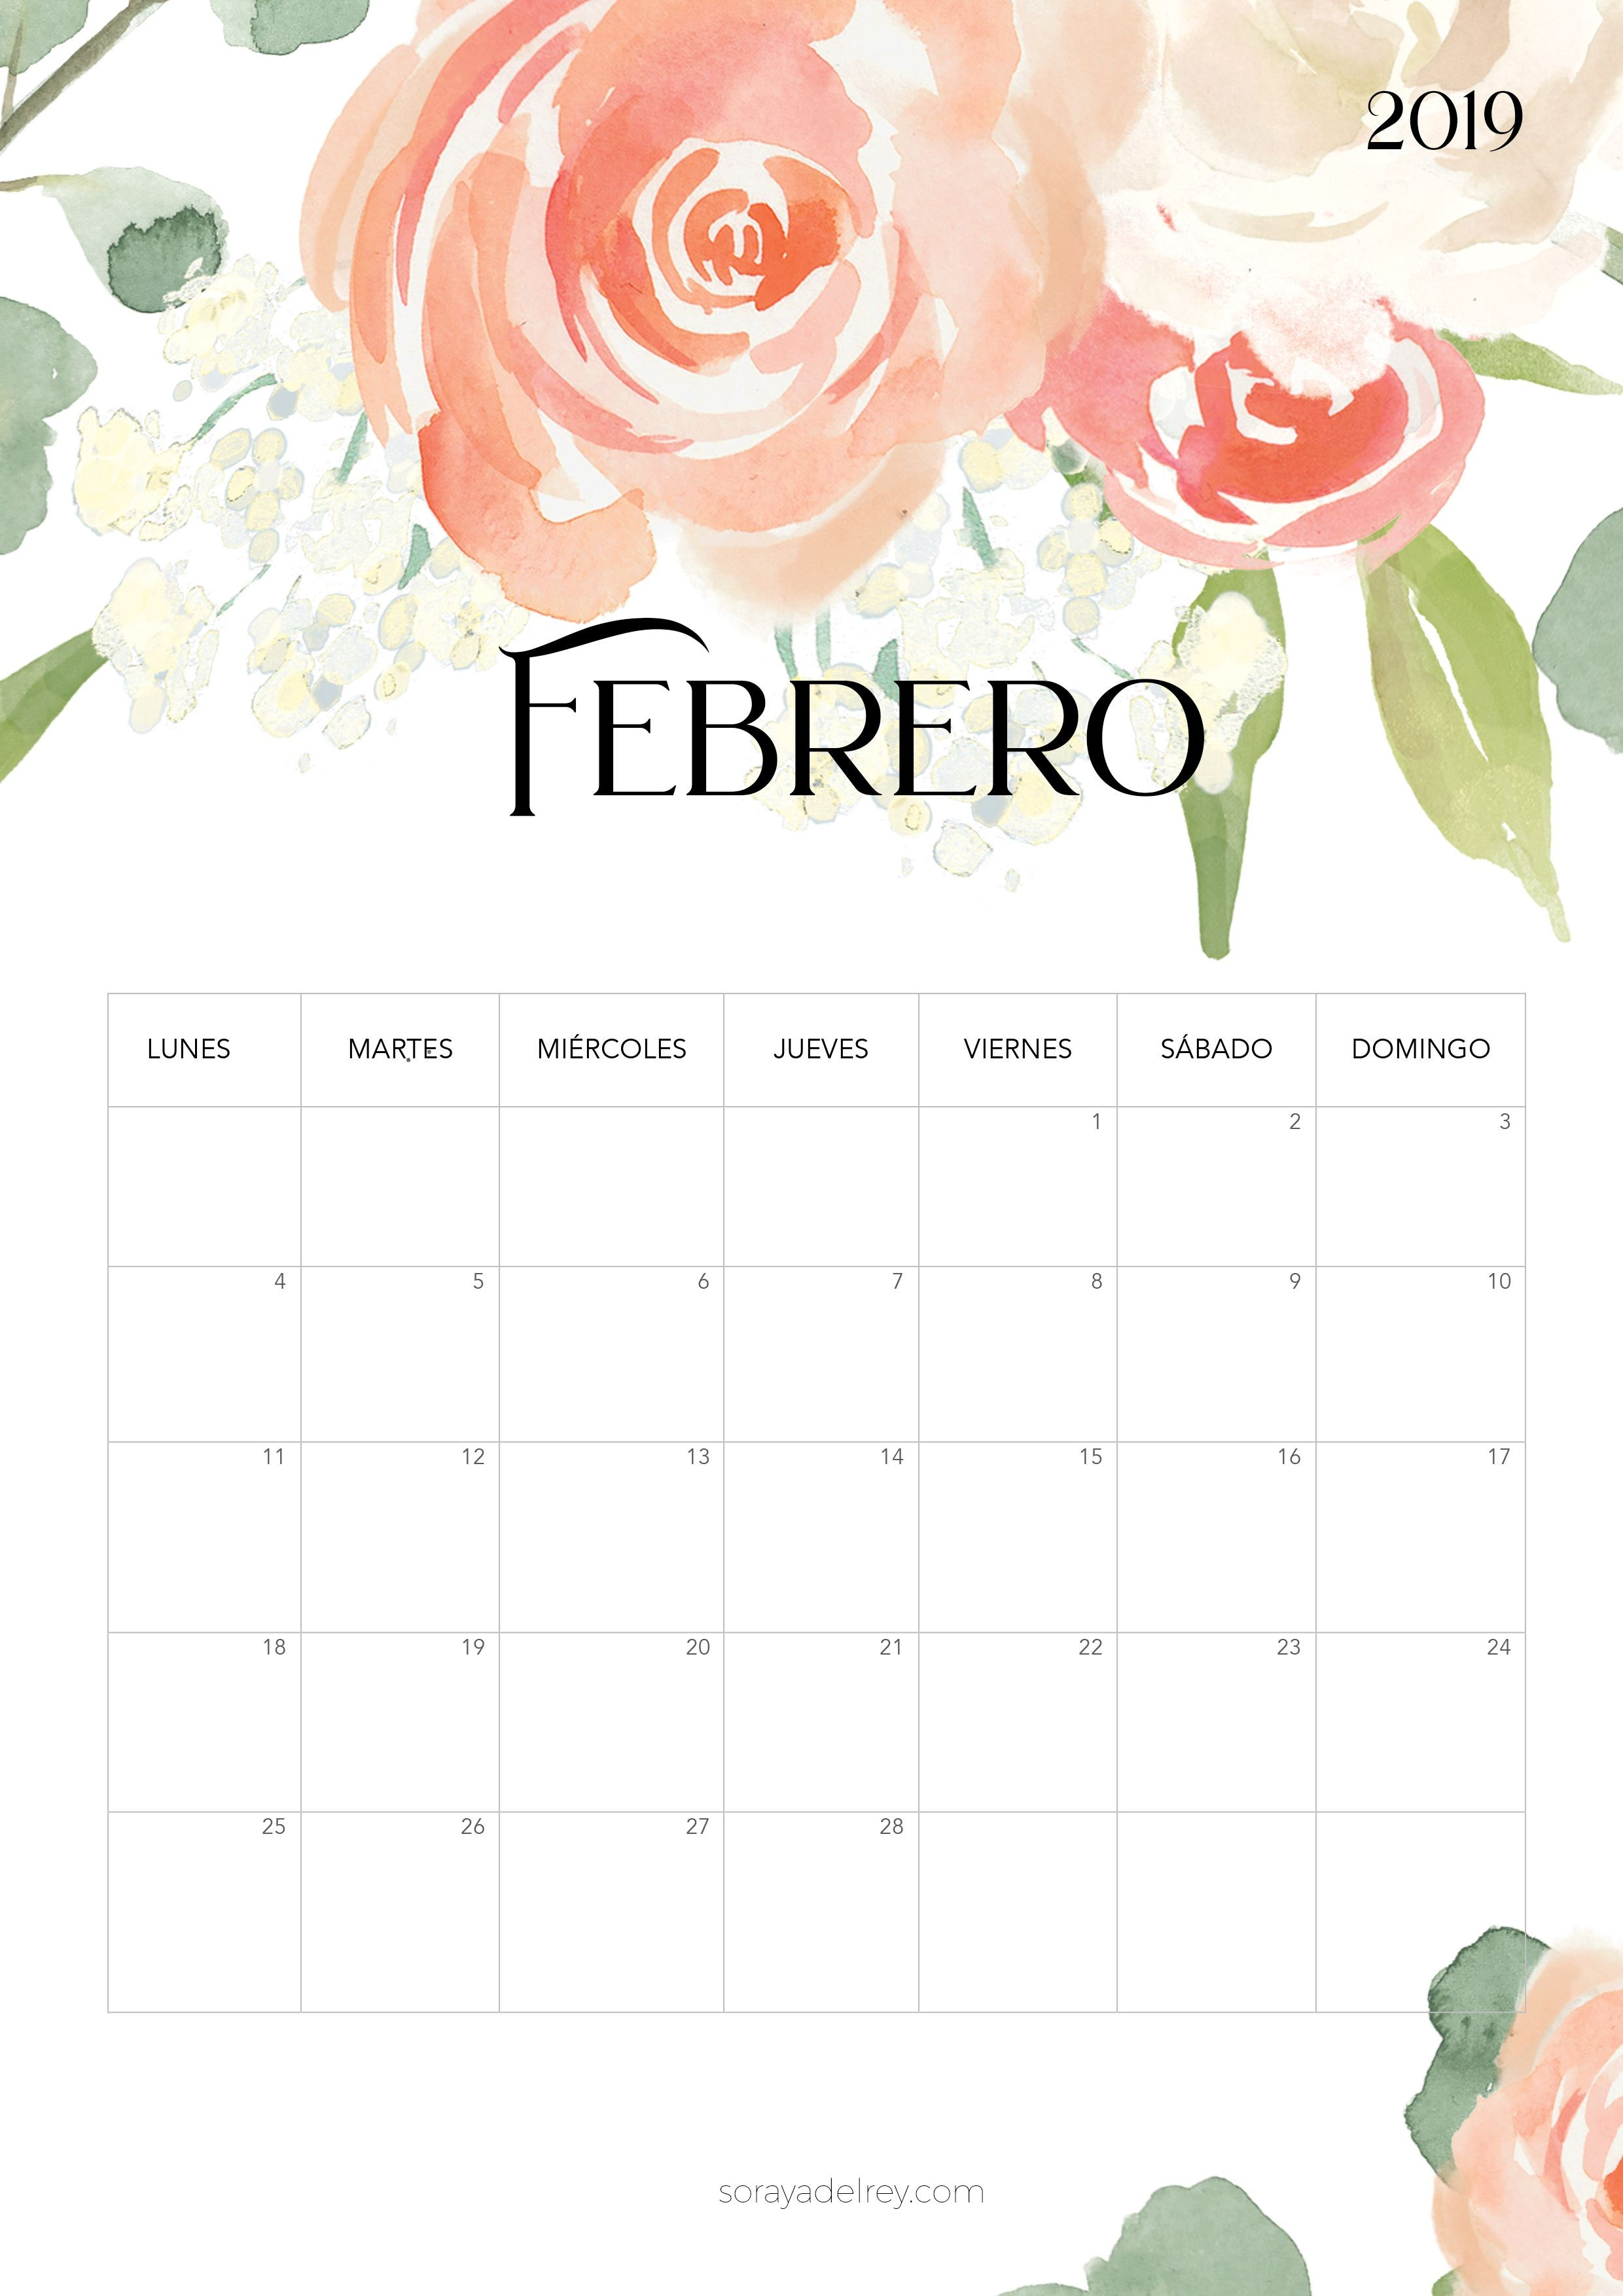 Calendario De Agosto Y Septiembre 2019 Para Imprimir Mejores Y Más Novedosos Calendario Para Imprimir 2018 2019 Imprimir